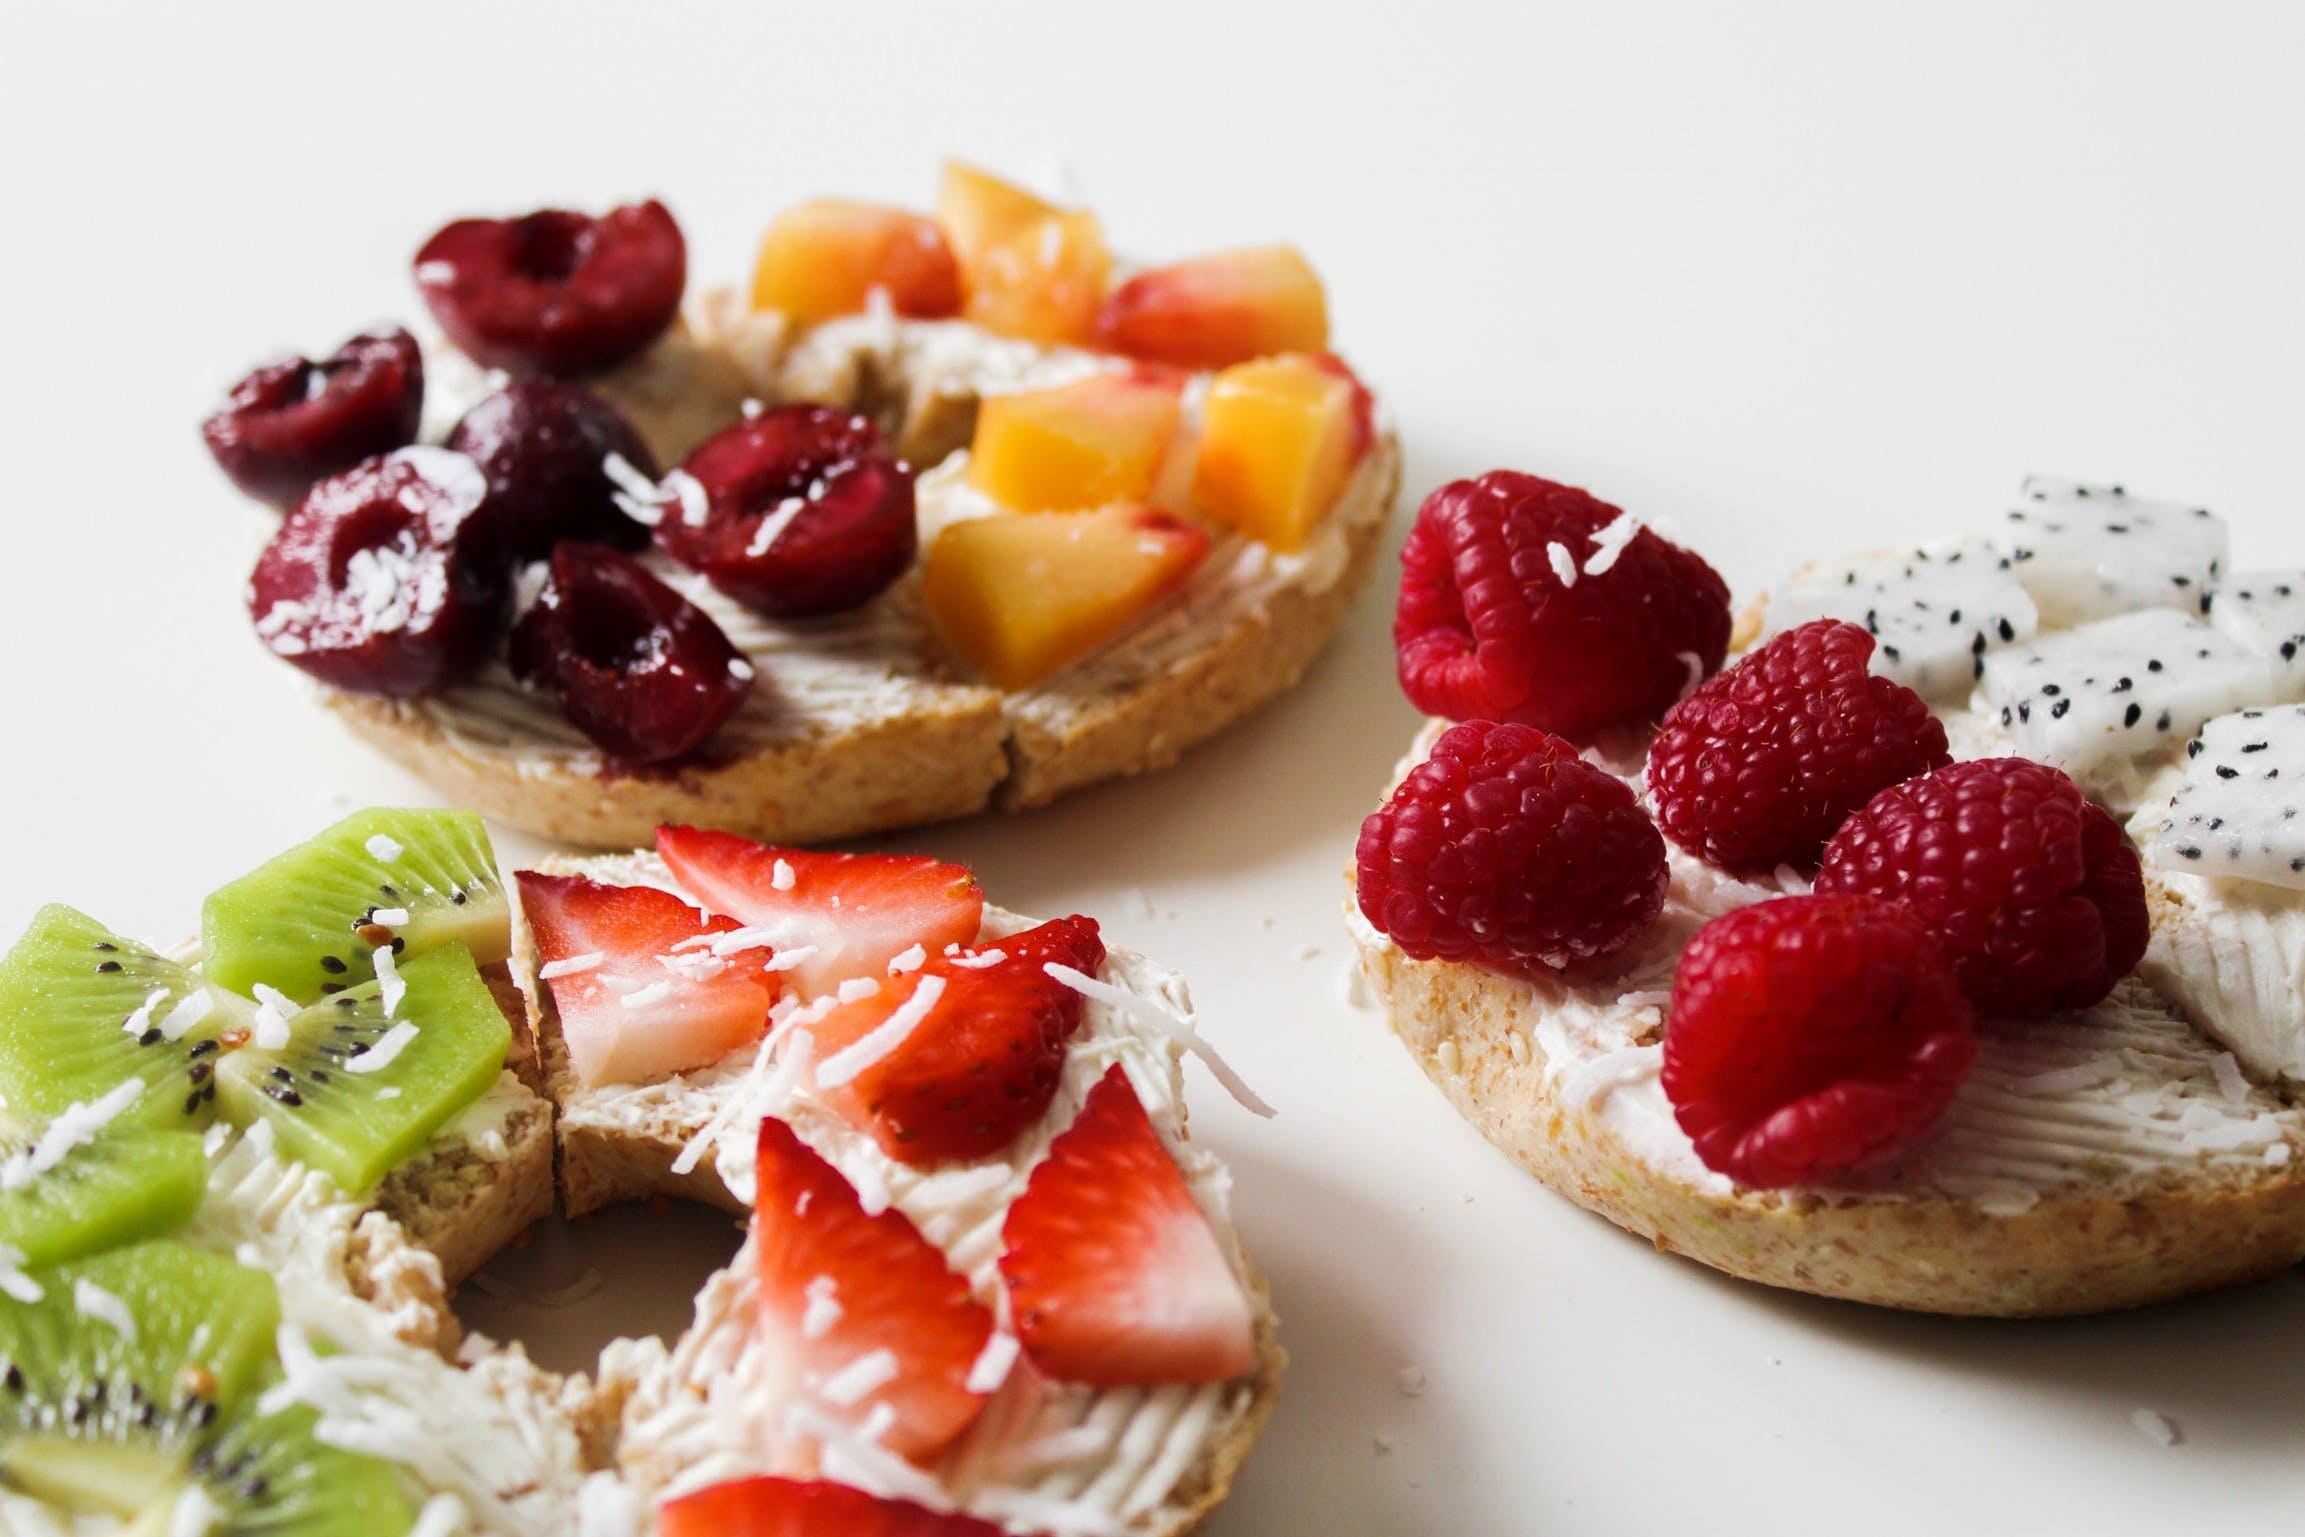 Kostenloses Stock Foto zu bagels, beeren, brote, erdbeeren